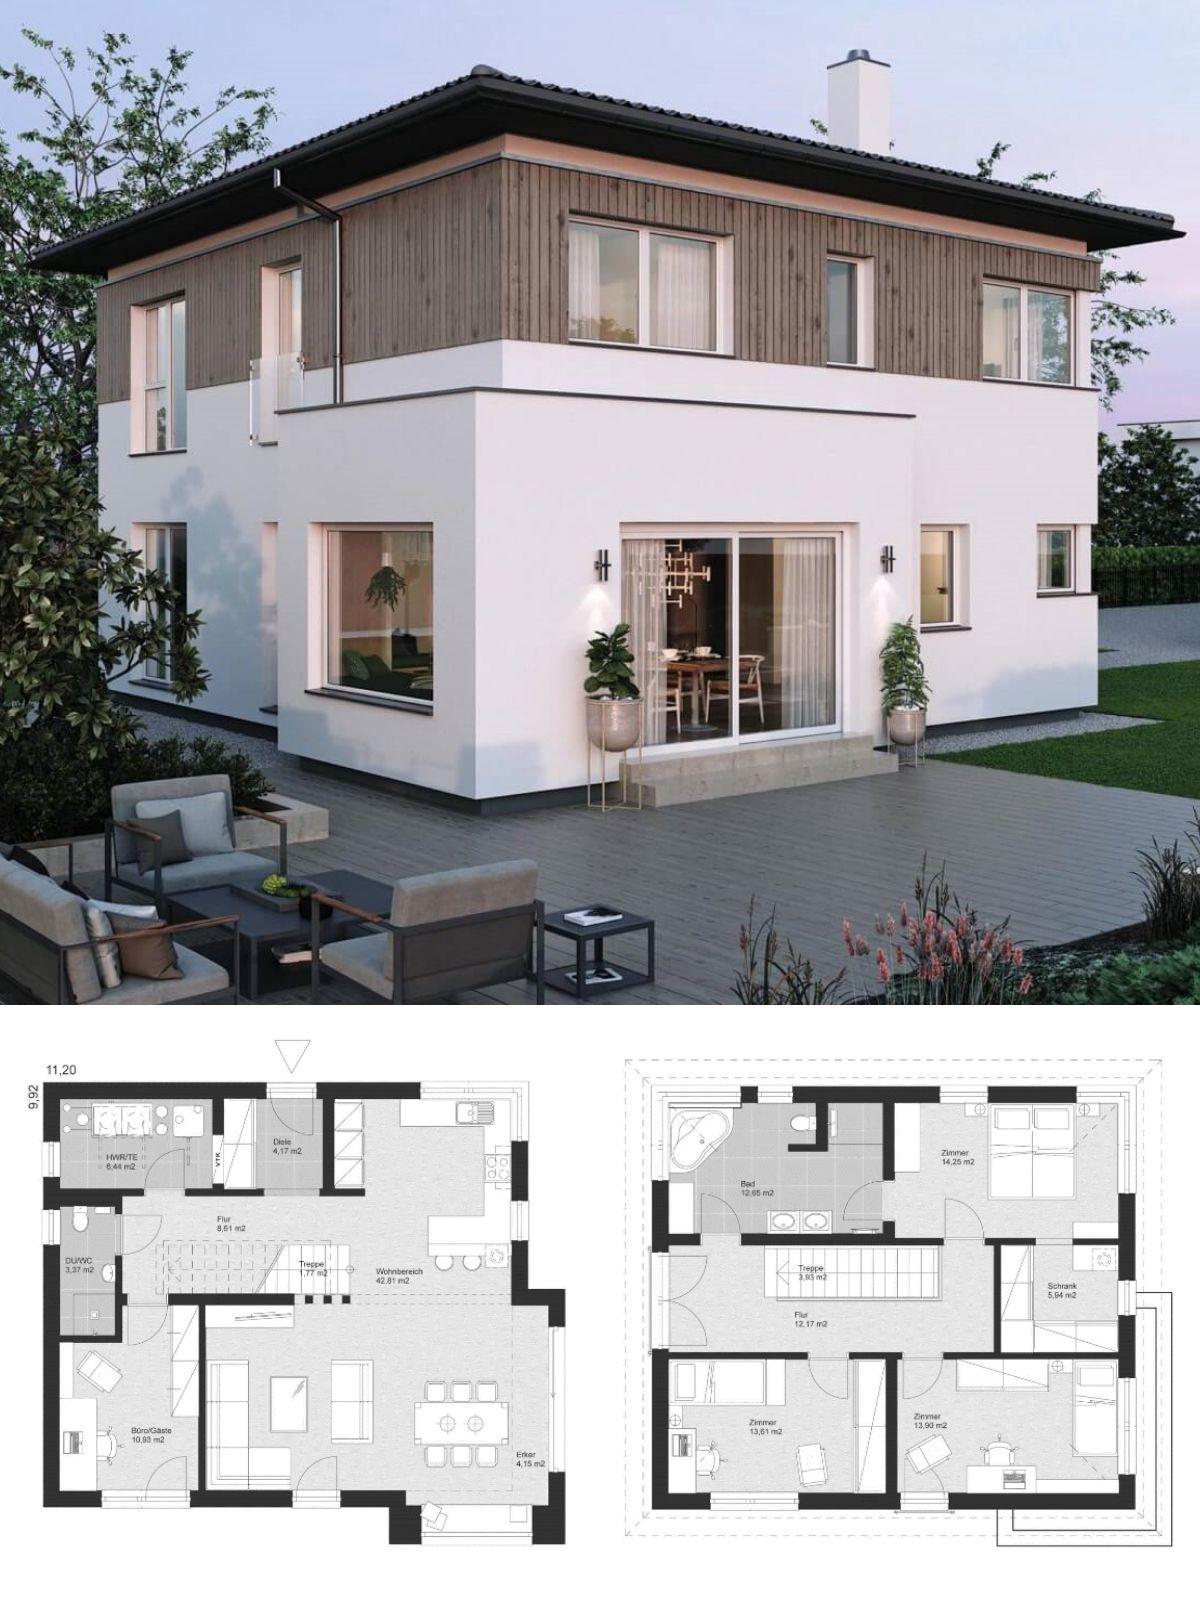 landhaus stadtvilla modern mit walmdach architektur holz fassade einfamilienhaus bauen grundriss ideen elk